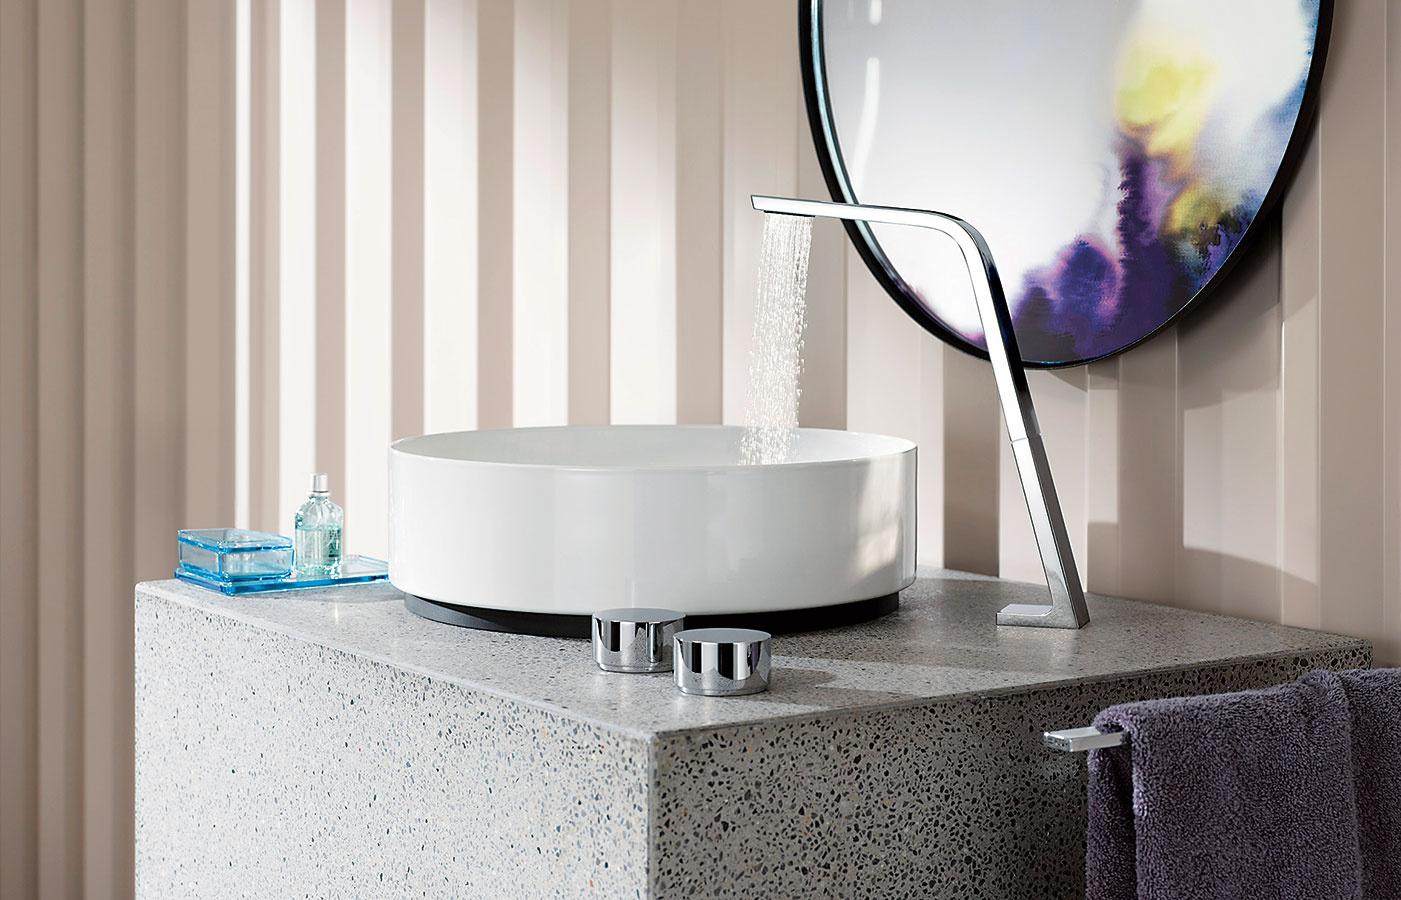 Vznamení minimalizmu. Pre armatúru CL.1 od značky Dornbracht je príznačný kónický, hore vystupujúci výtok akombinácia minimalistických tvrdých amäkkých kontúr. Tok vody pozostáva vprípade umývadlovej batérie zo 40 jemných prúdov, pričom voda sa vďaka technológii Sprayface rozprašuje pri nízkej spotrebe len 3,9 l/min.